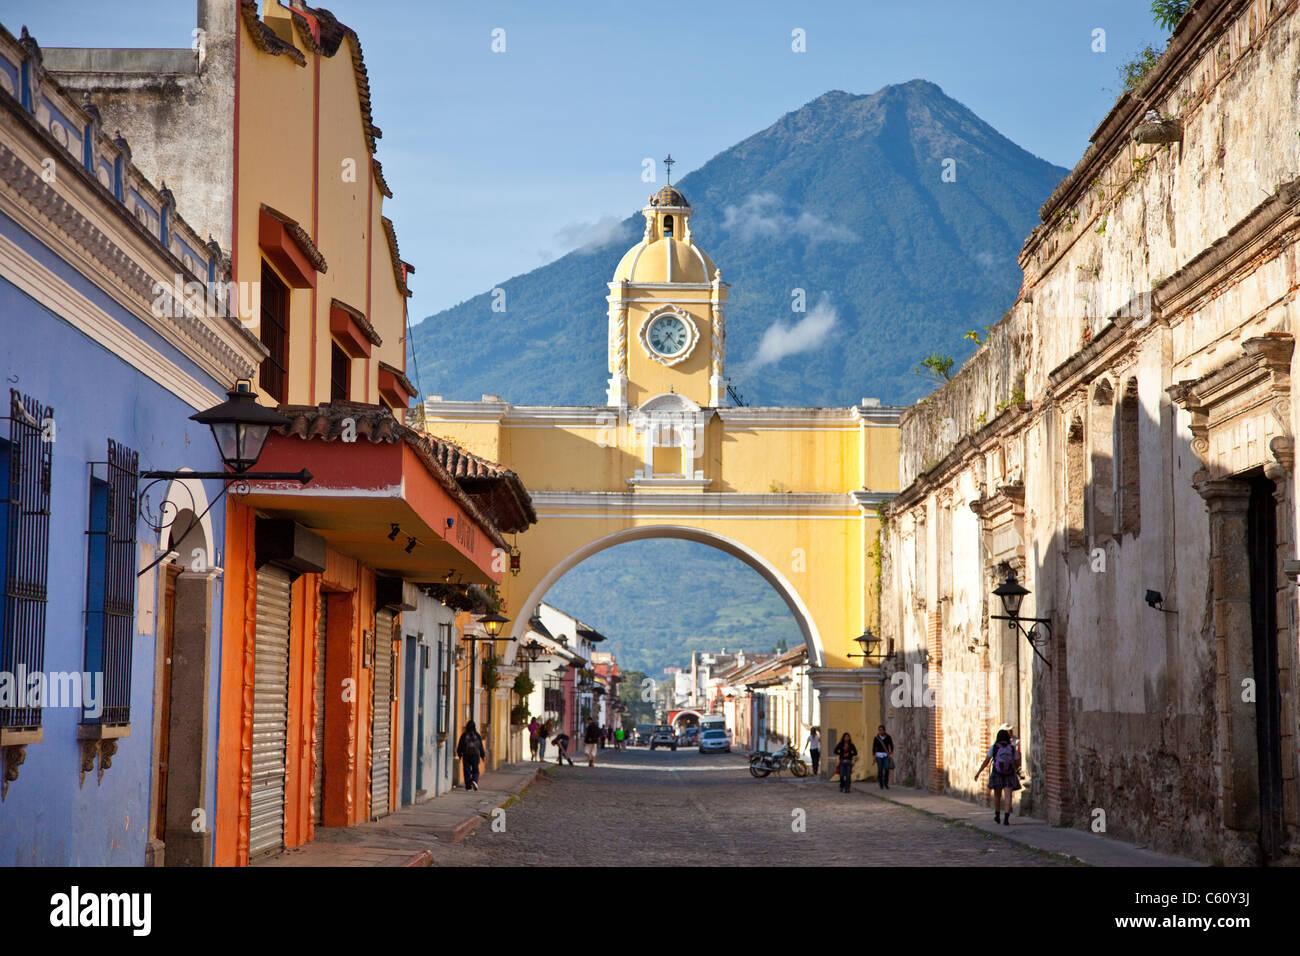 Volcan Agua, Santa Catalina Arch, Calle del Arco, Antigua, Guatemala - Stock Image